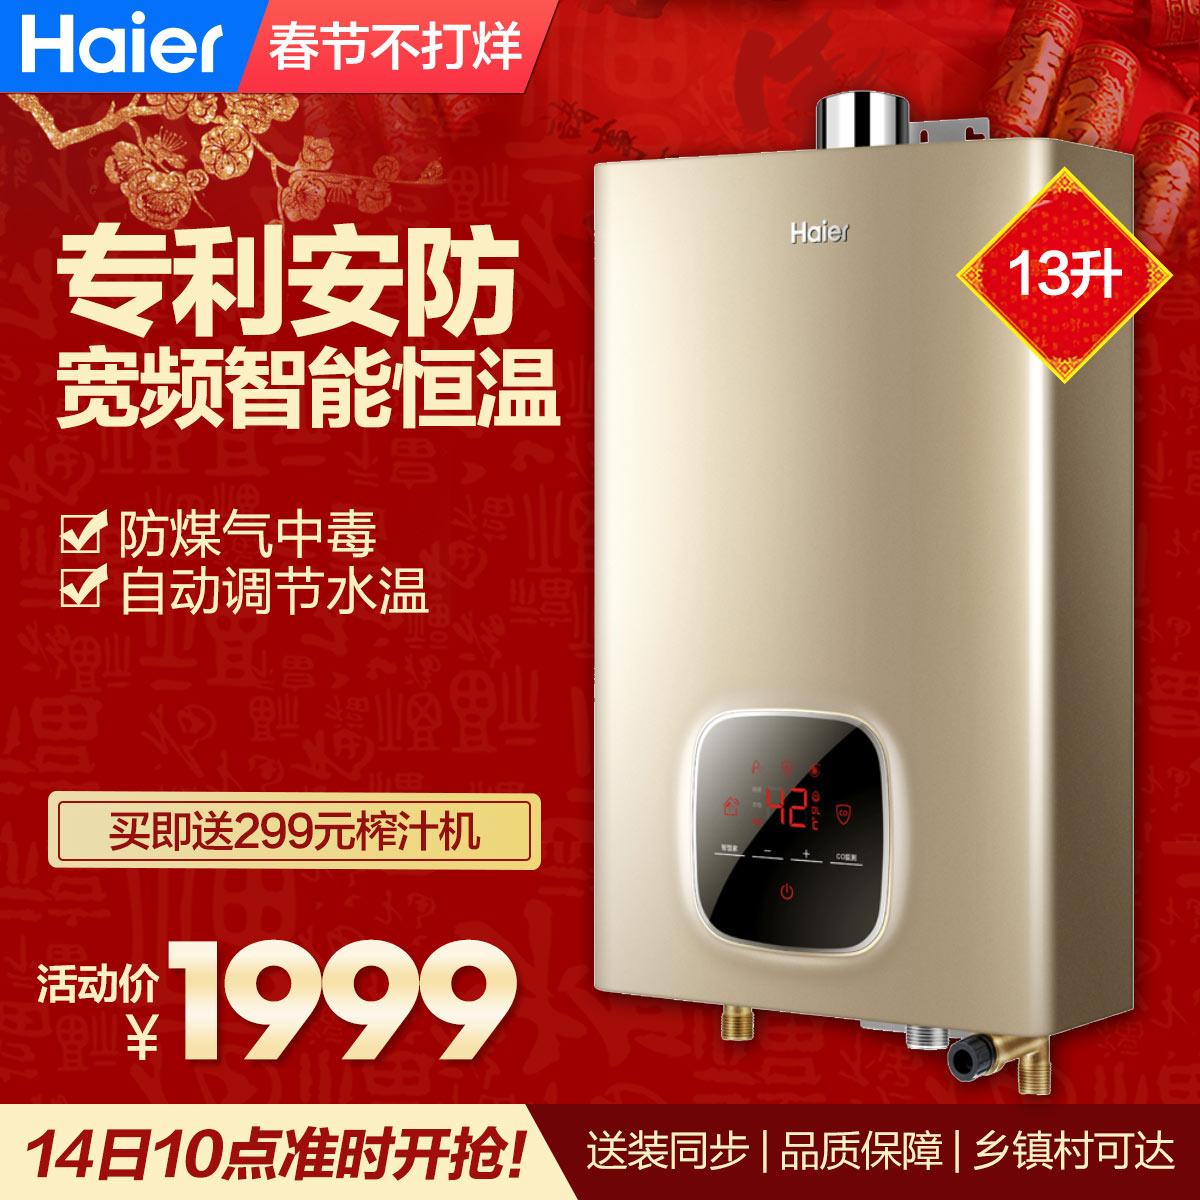 海尔13升专利安防智能恒温燃气热水器 防一氧化碳中毒 根据用水模式自动调节水温 宽频智能恒温 ±0.5℃精准控温 JSQ25-13WT5(12T)